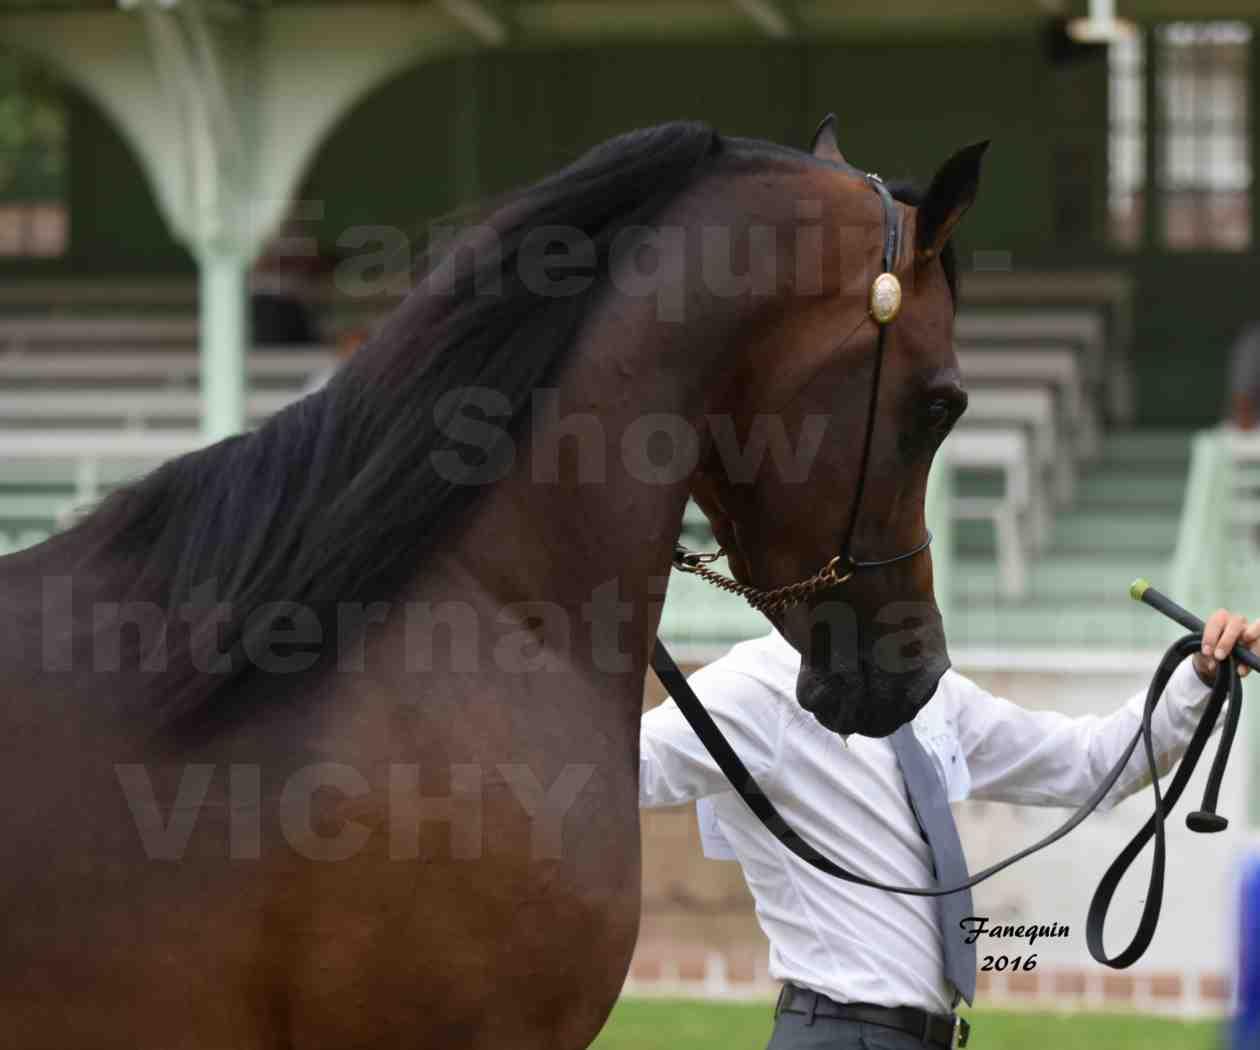 International Arabian Horse Show B de VICHY 2016 - MILLIAR - Notre Sélection - Portraits - 4